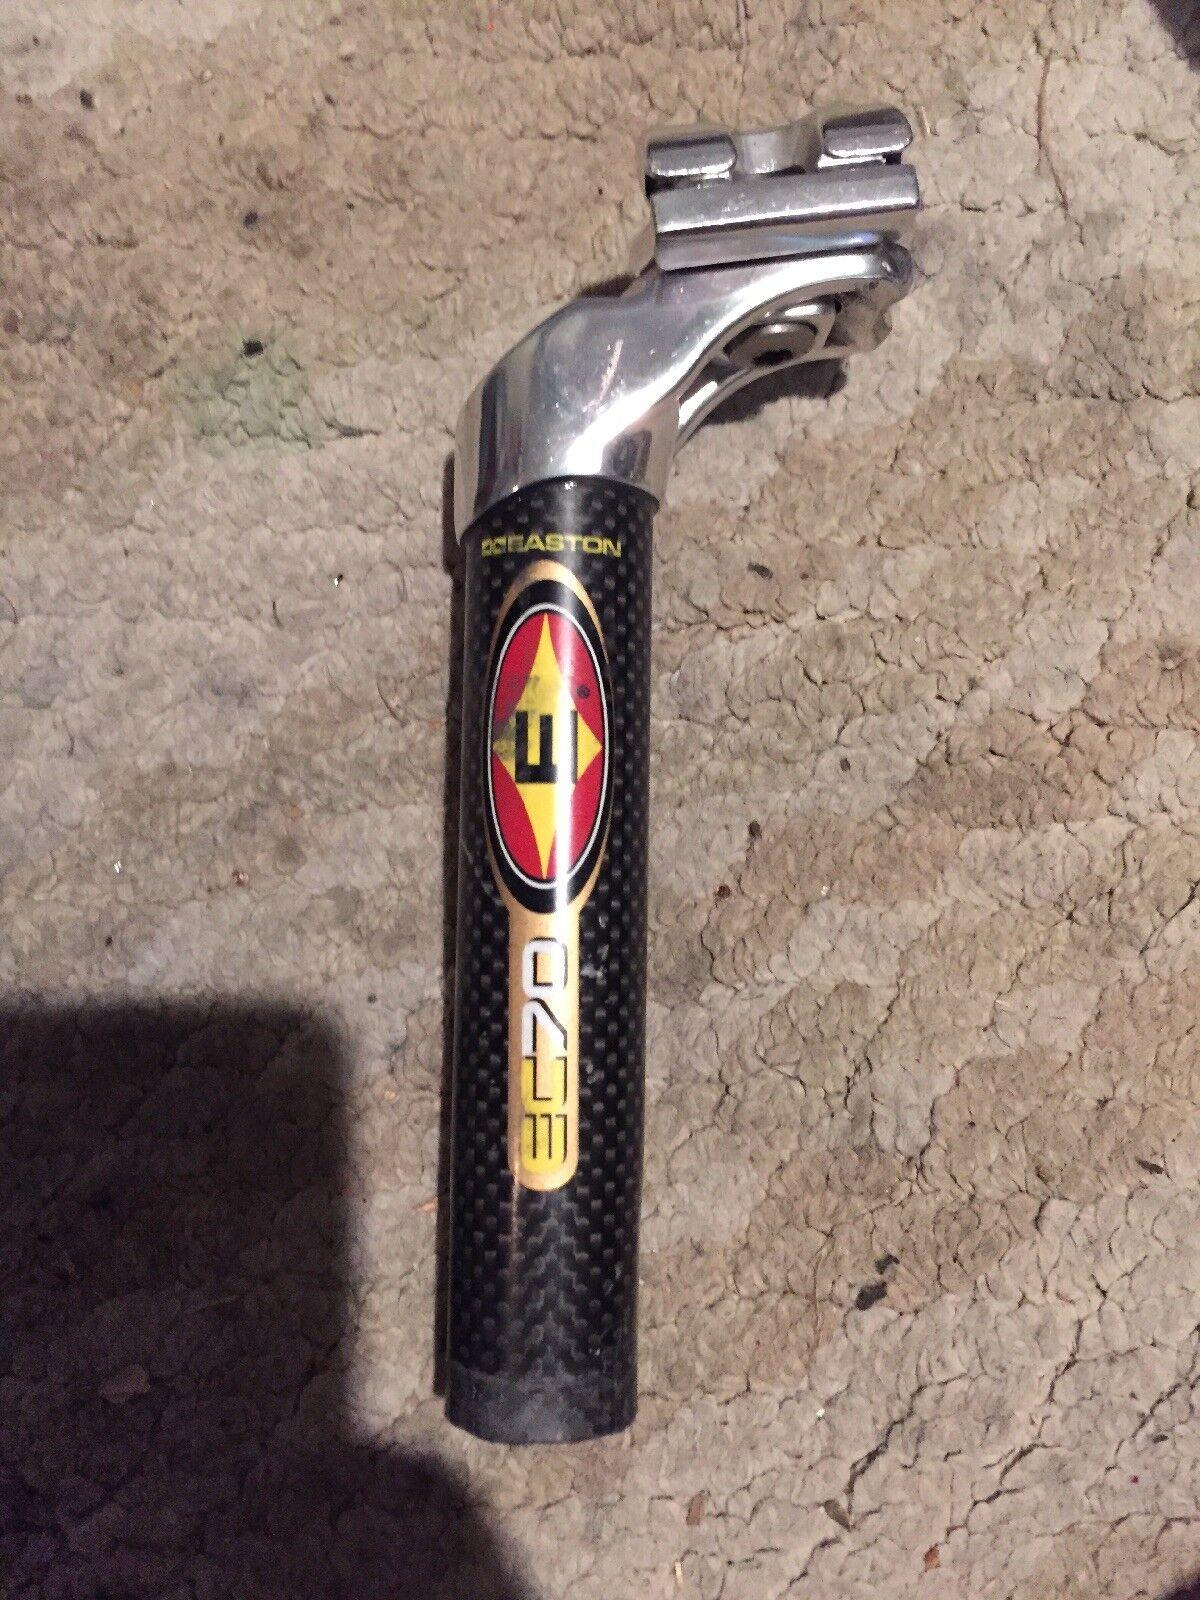 Easton EC70 de fibra de Cochebono tija de sillín 27.2